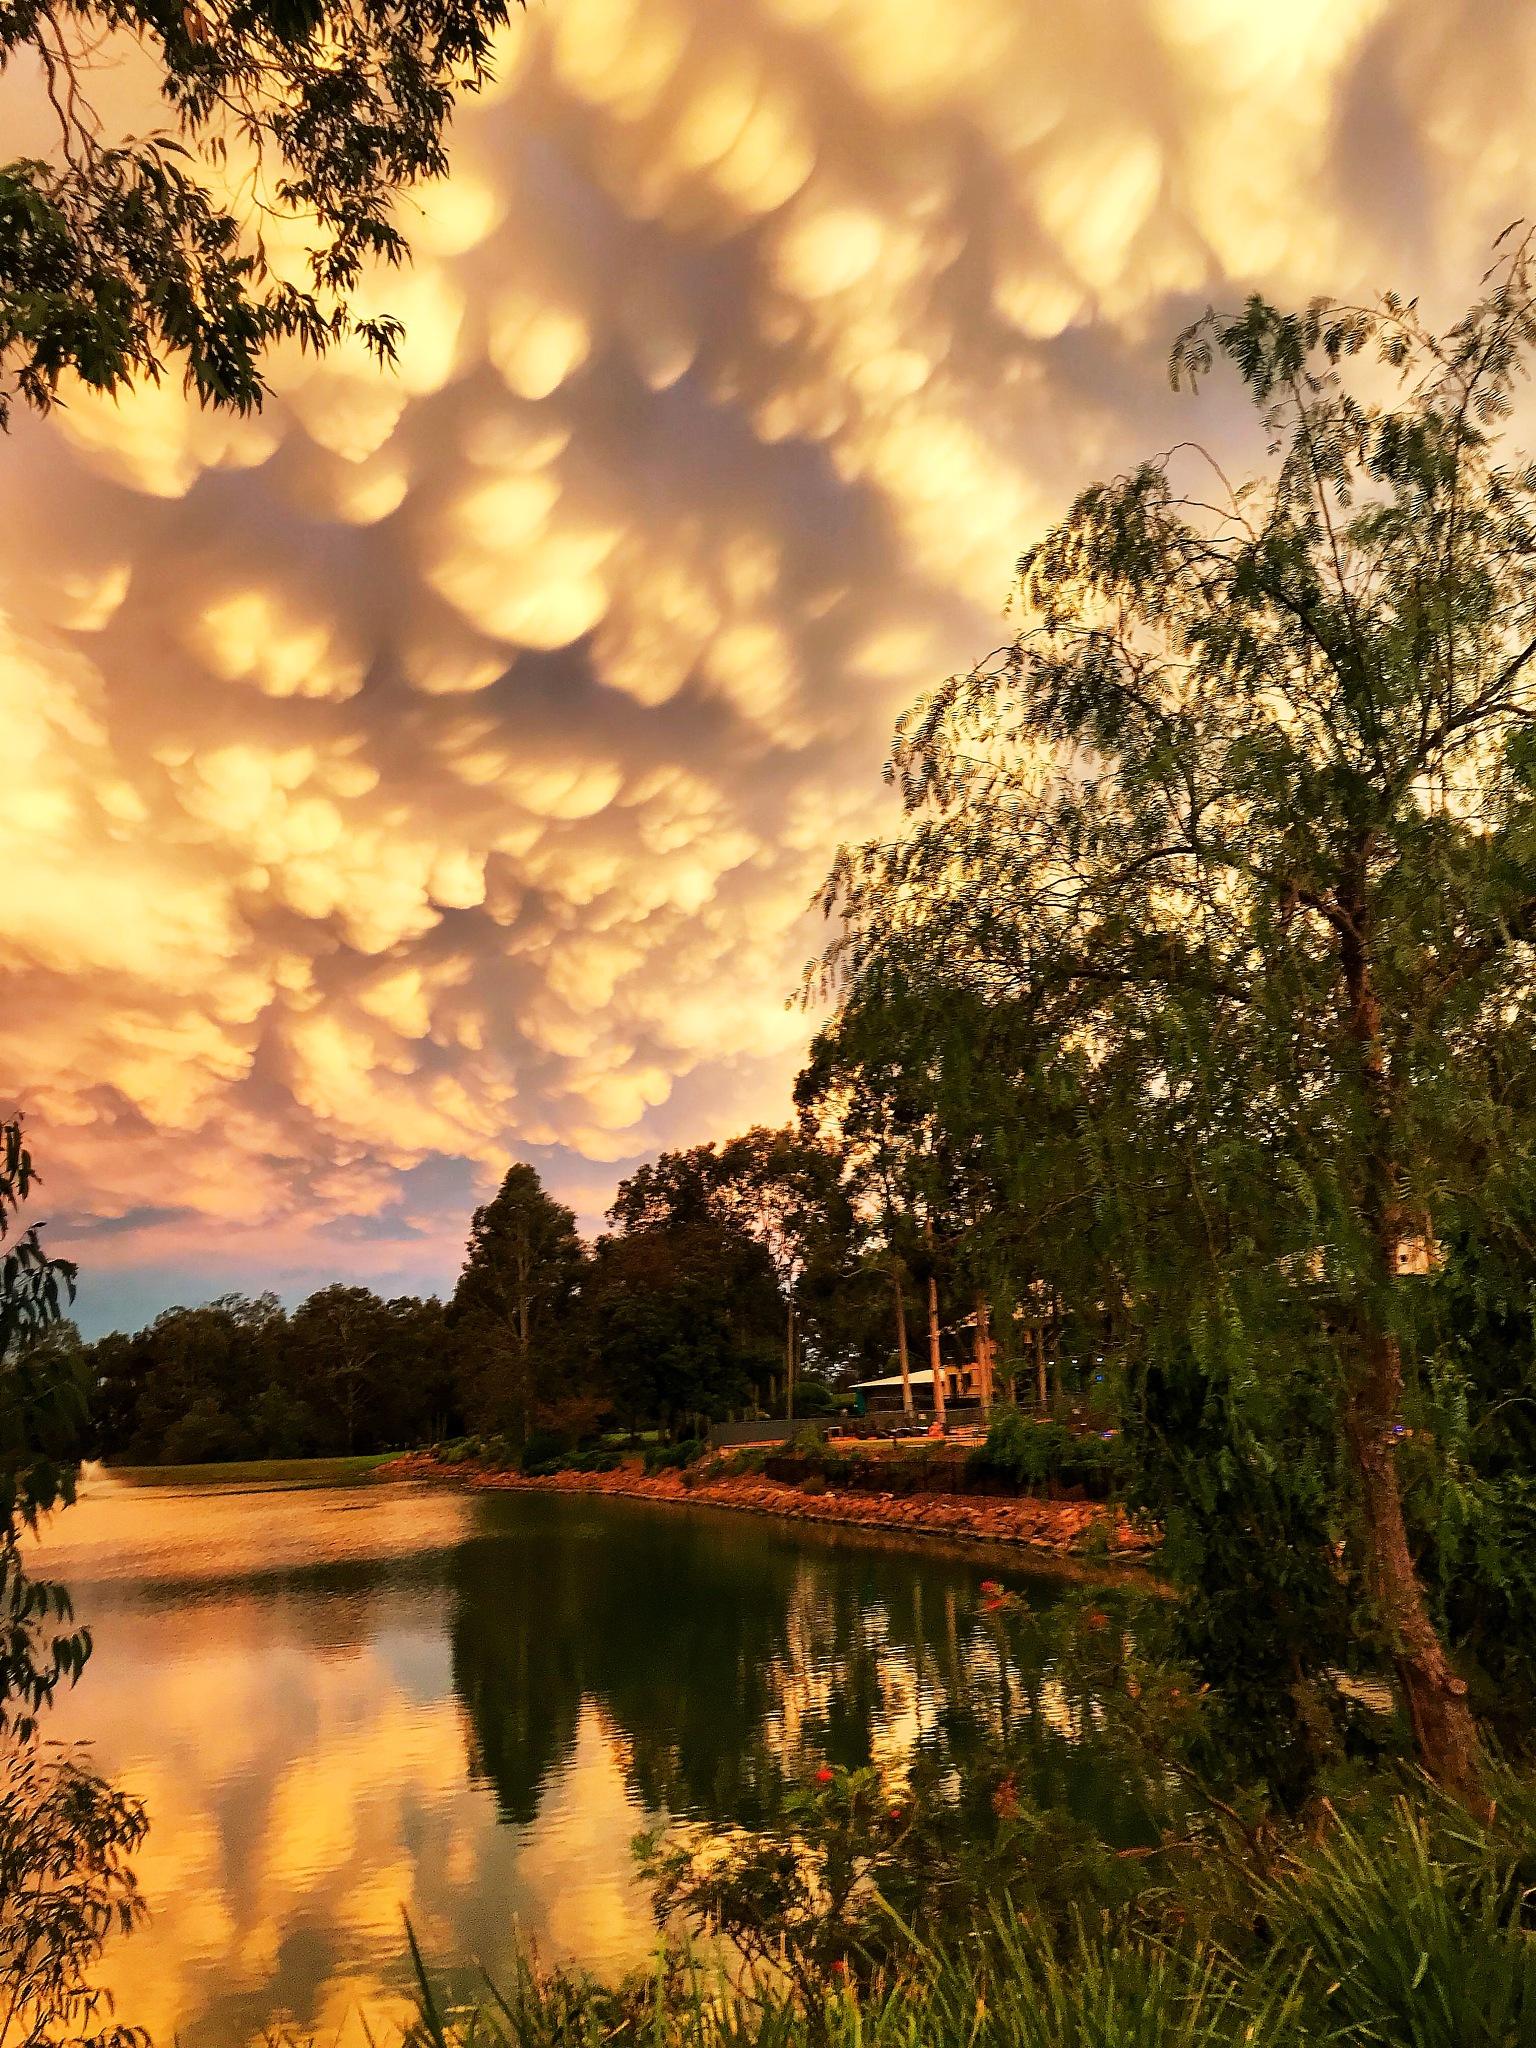 Fluffy Sky by djskinnylatte